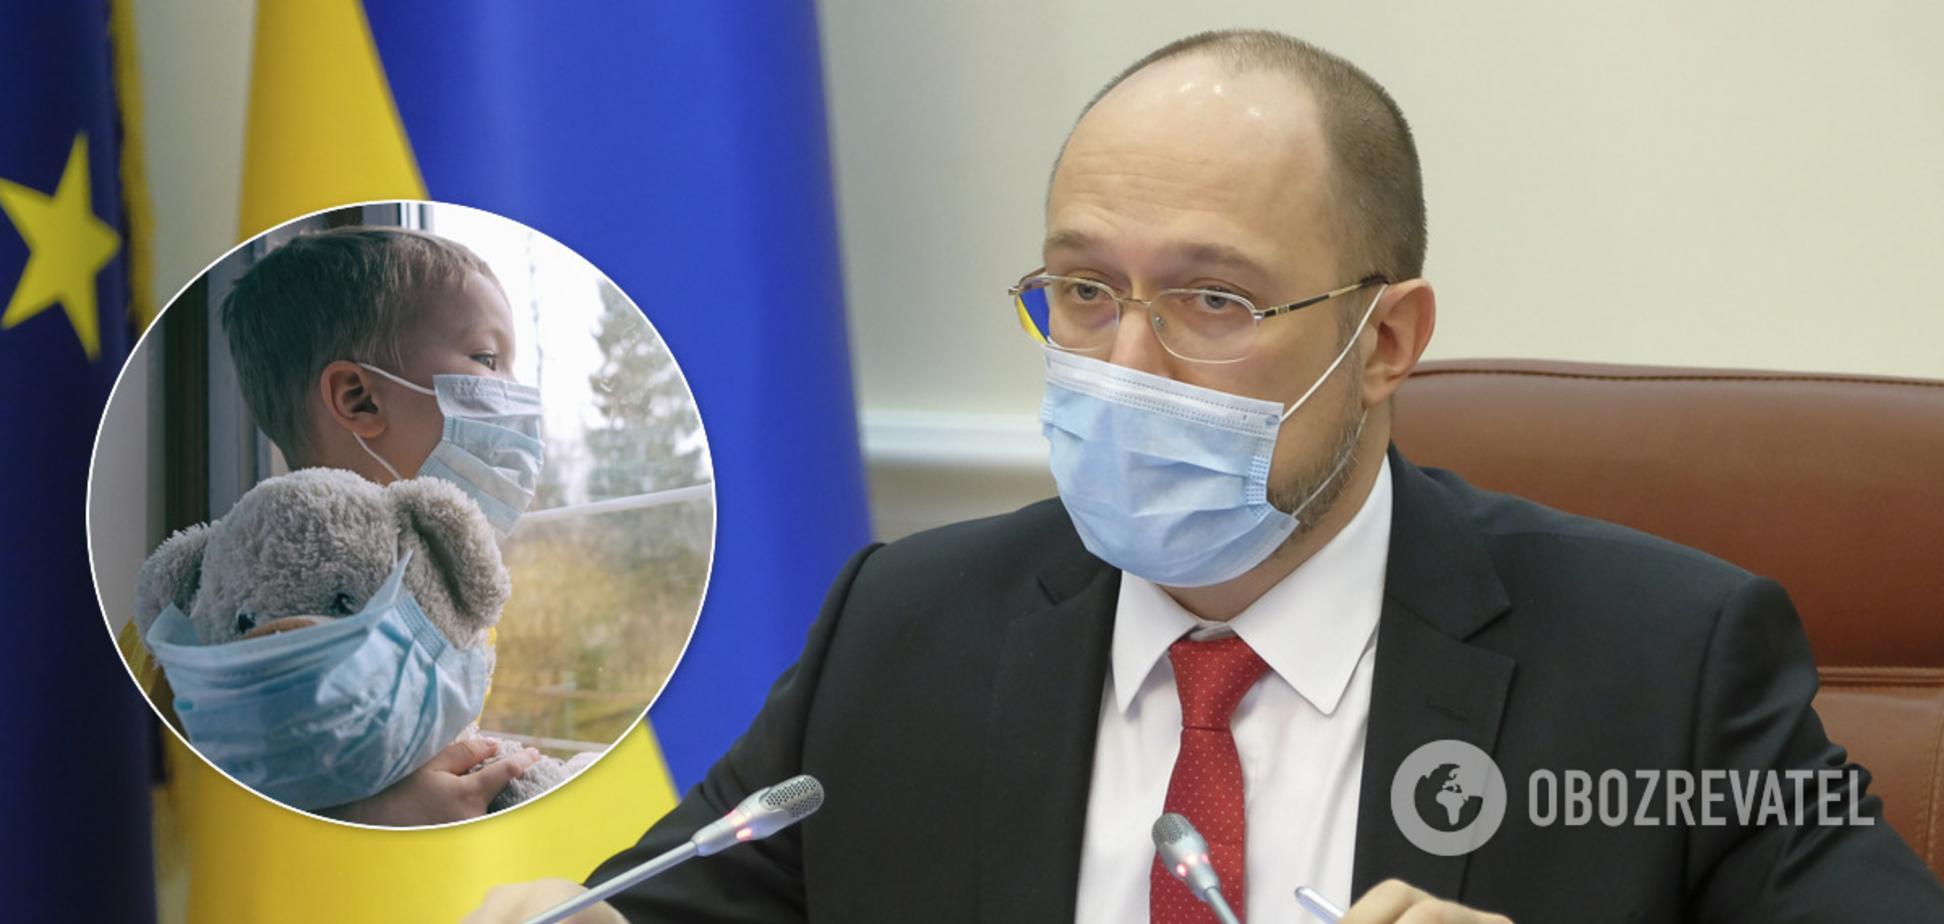 Опубликован полный текст постановления об усилении карантина в Украине. Документ